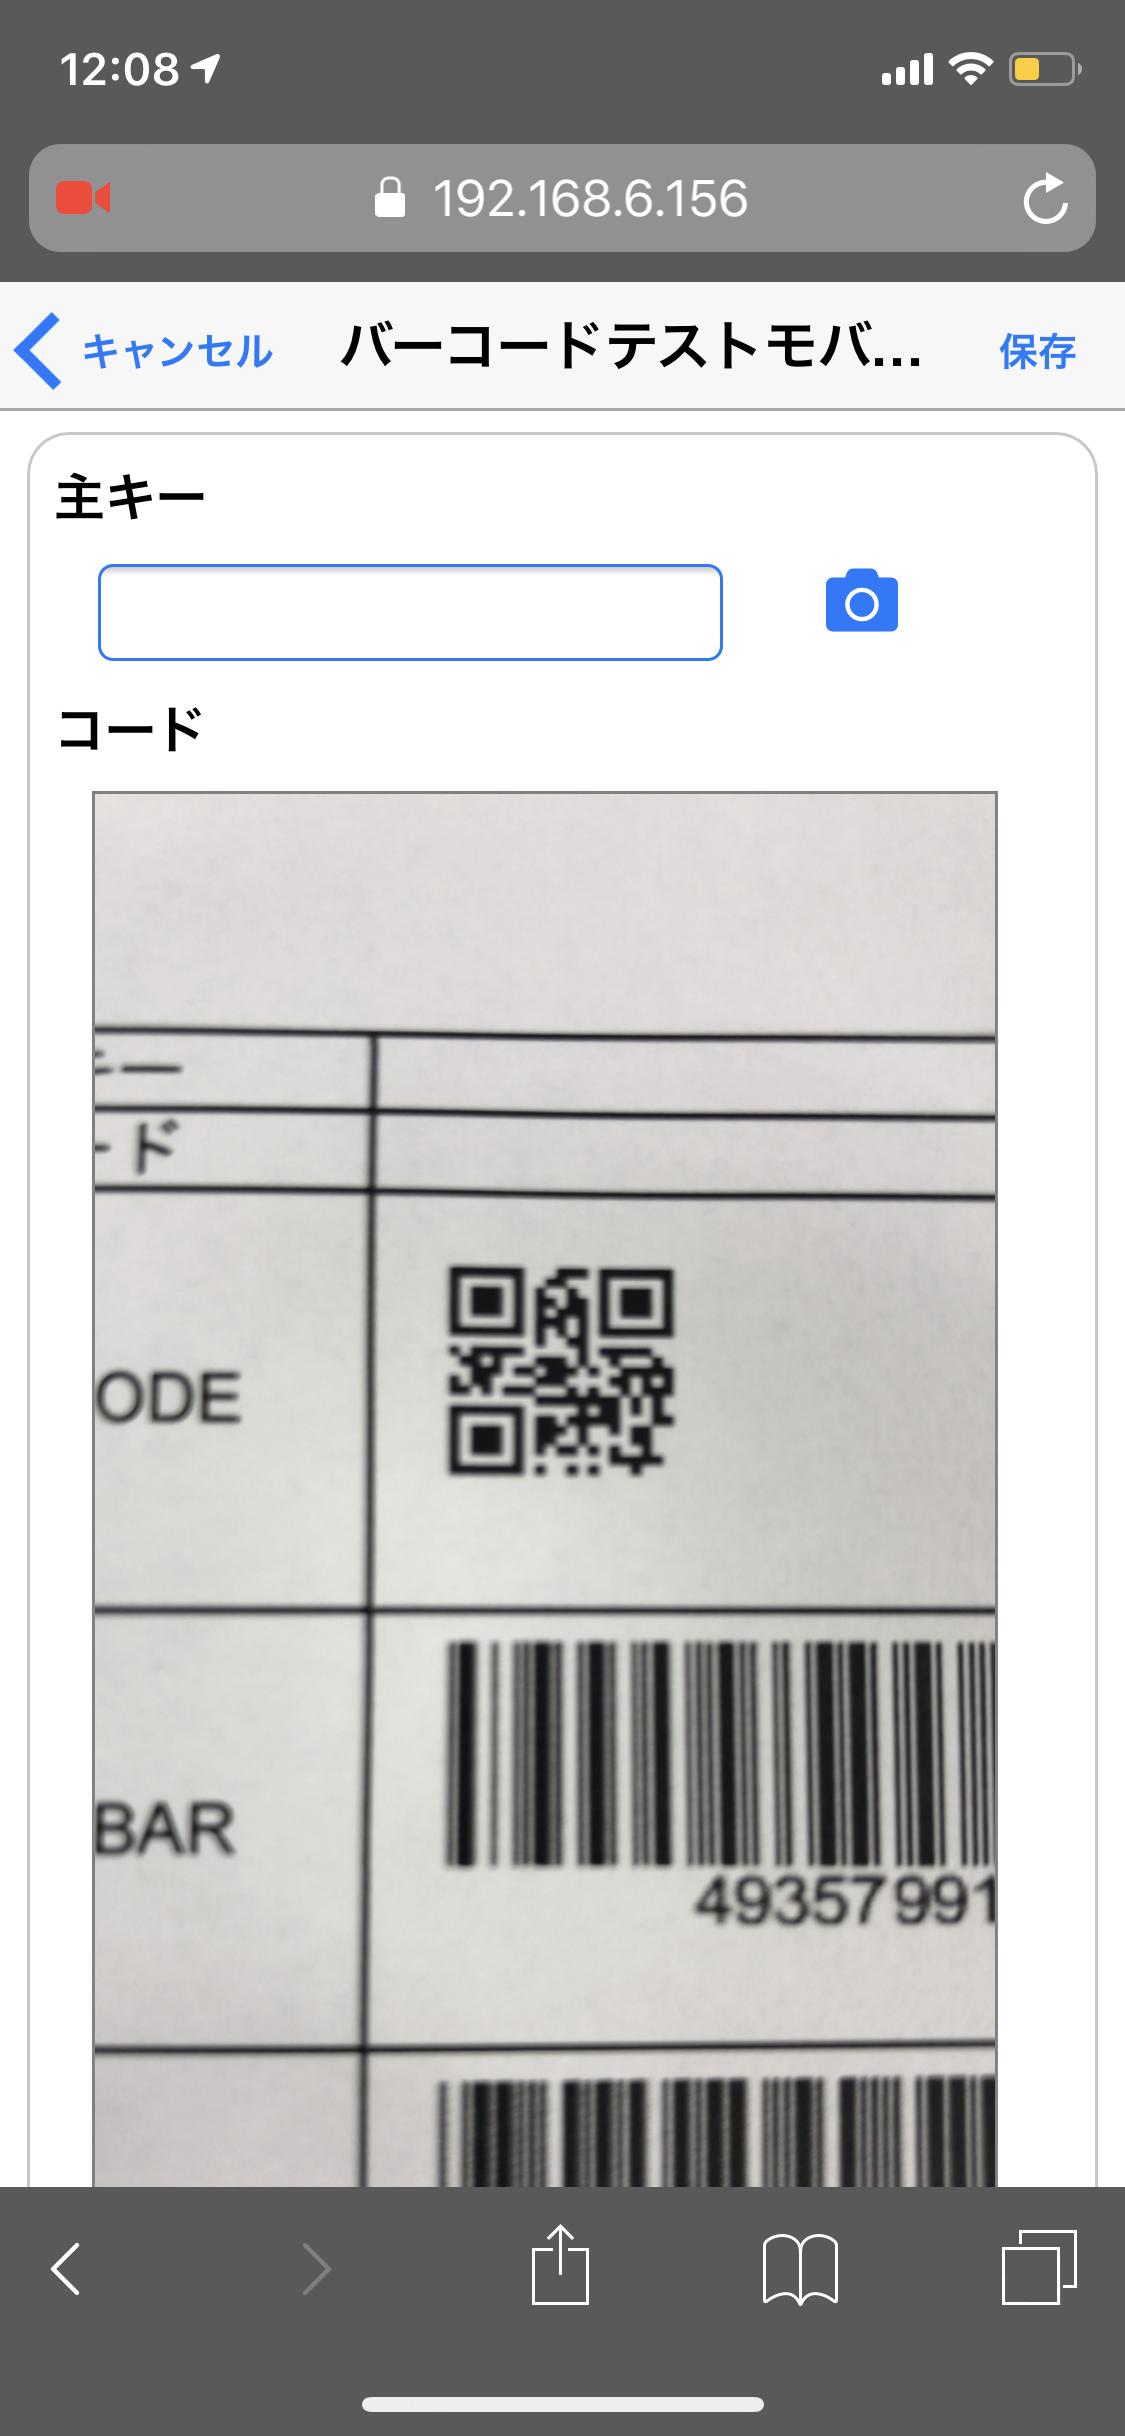 コード 読み取り バー